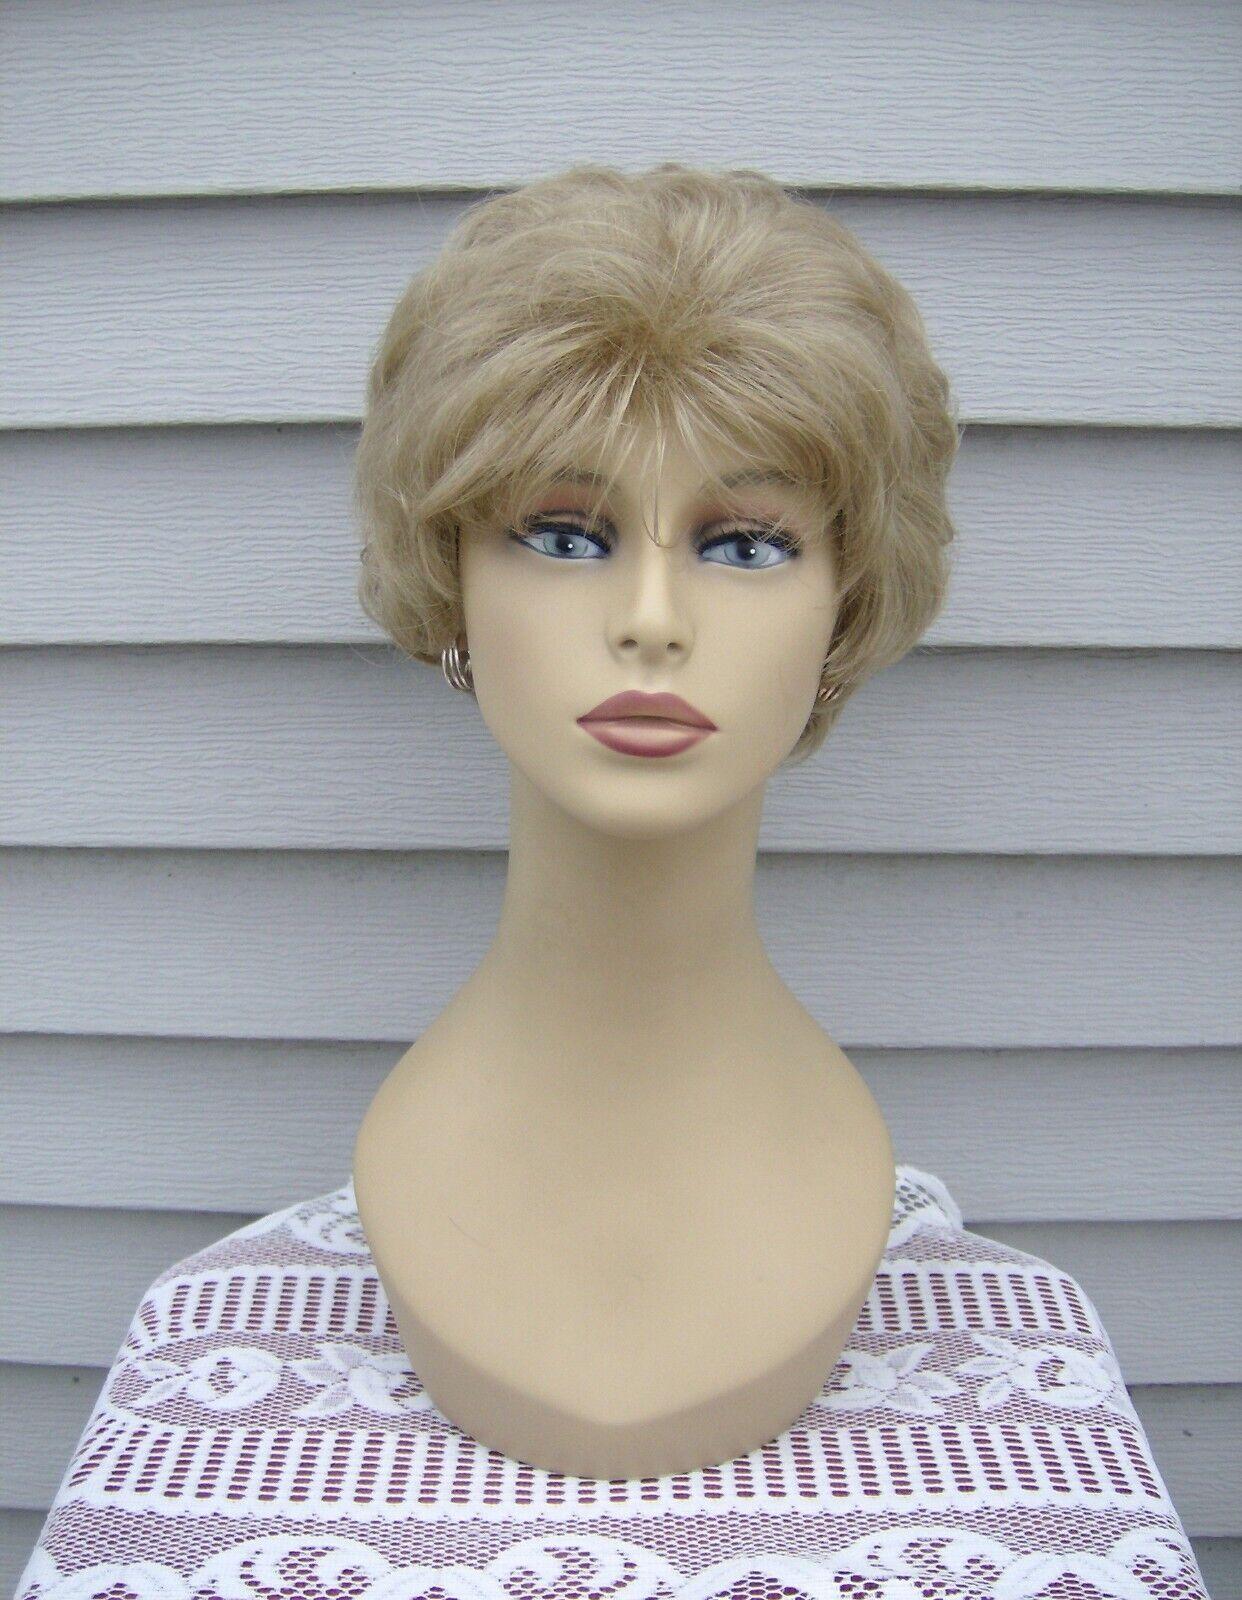 Greenwich Collection Wig DELPHINIUM Color 16 Medium Blonde Short Wavy Style - $17.95